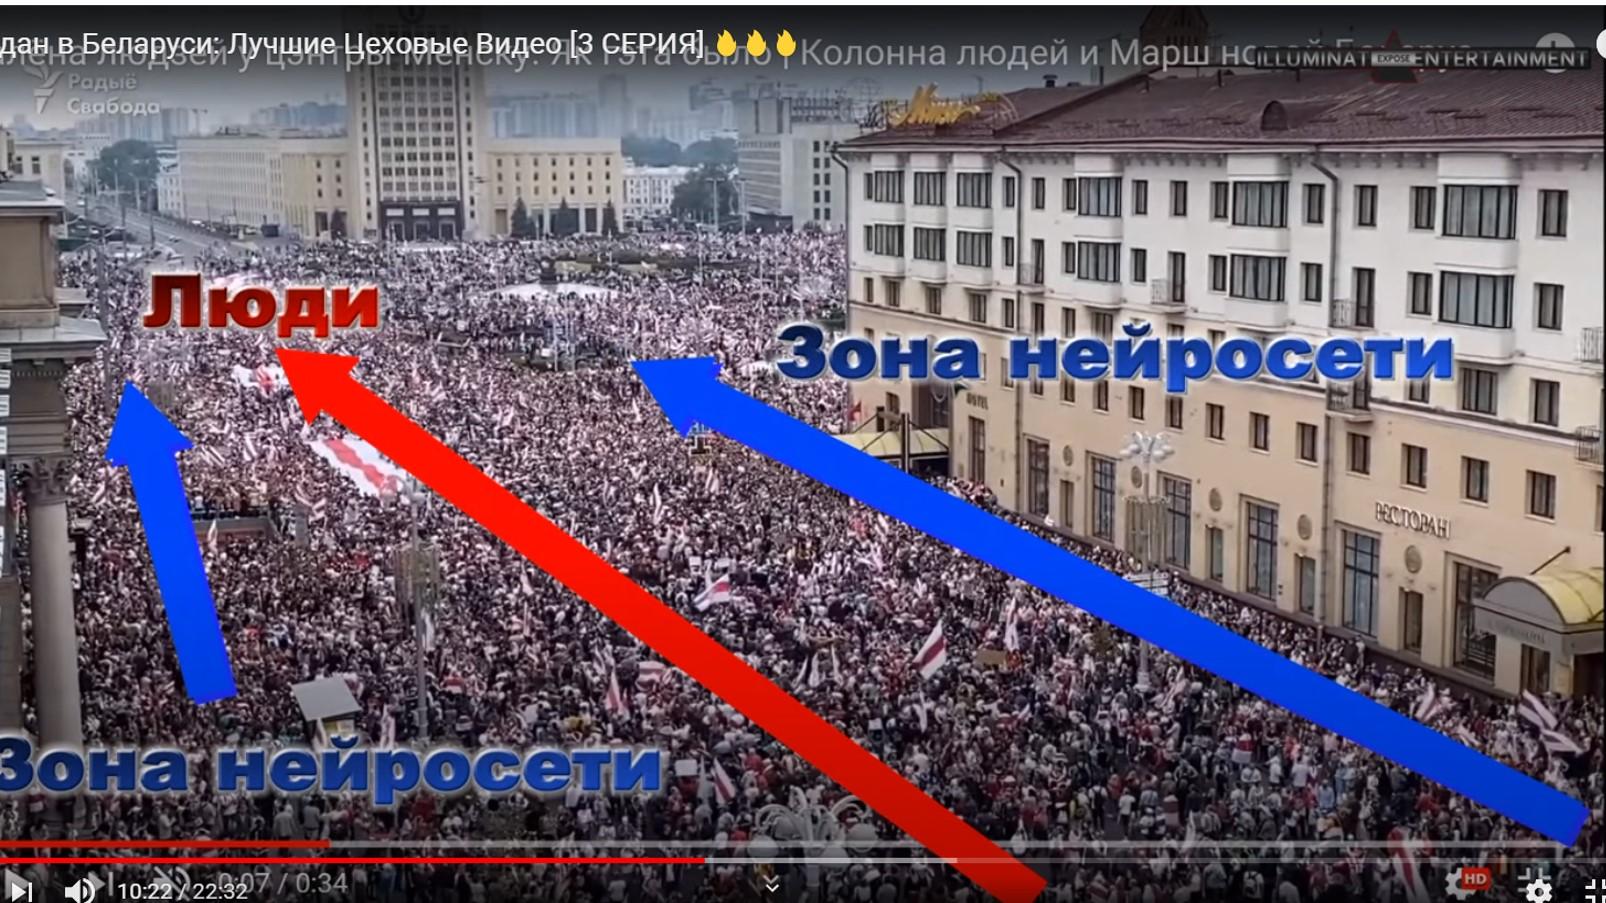 http://images.vfl.ru/ii/1599374322/7d83d0a6/31555368.jpg